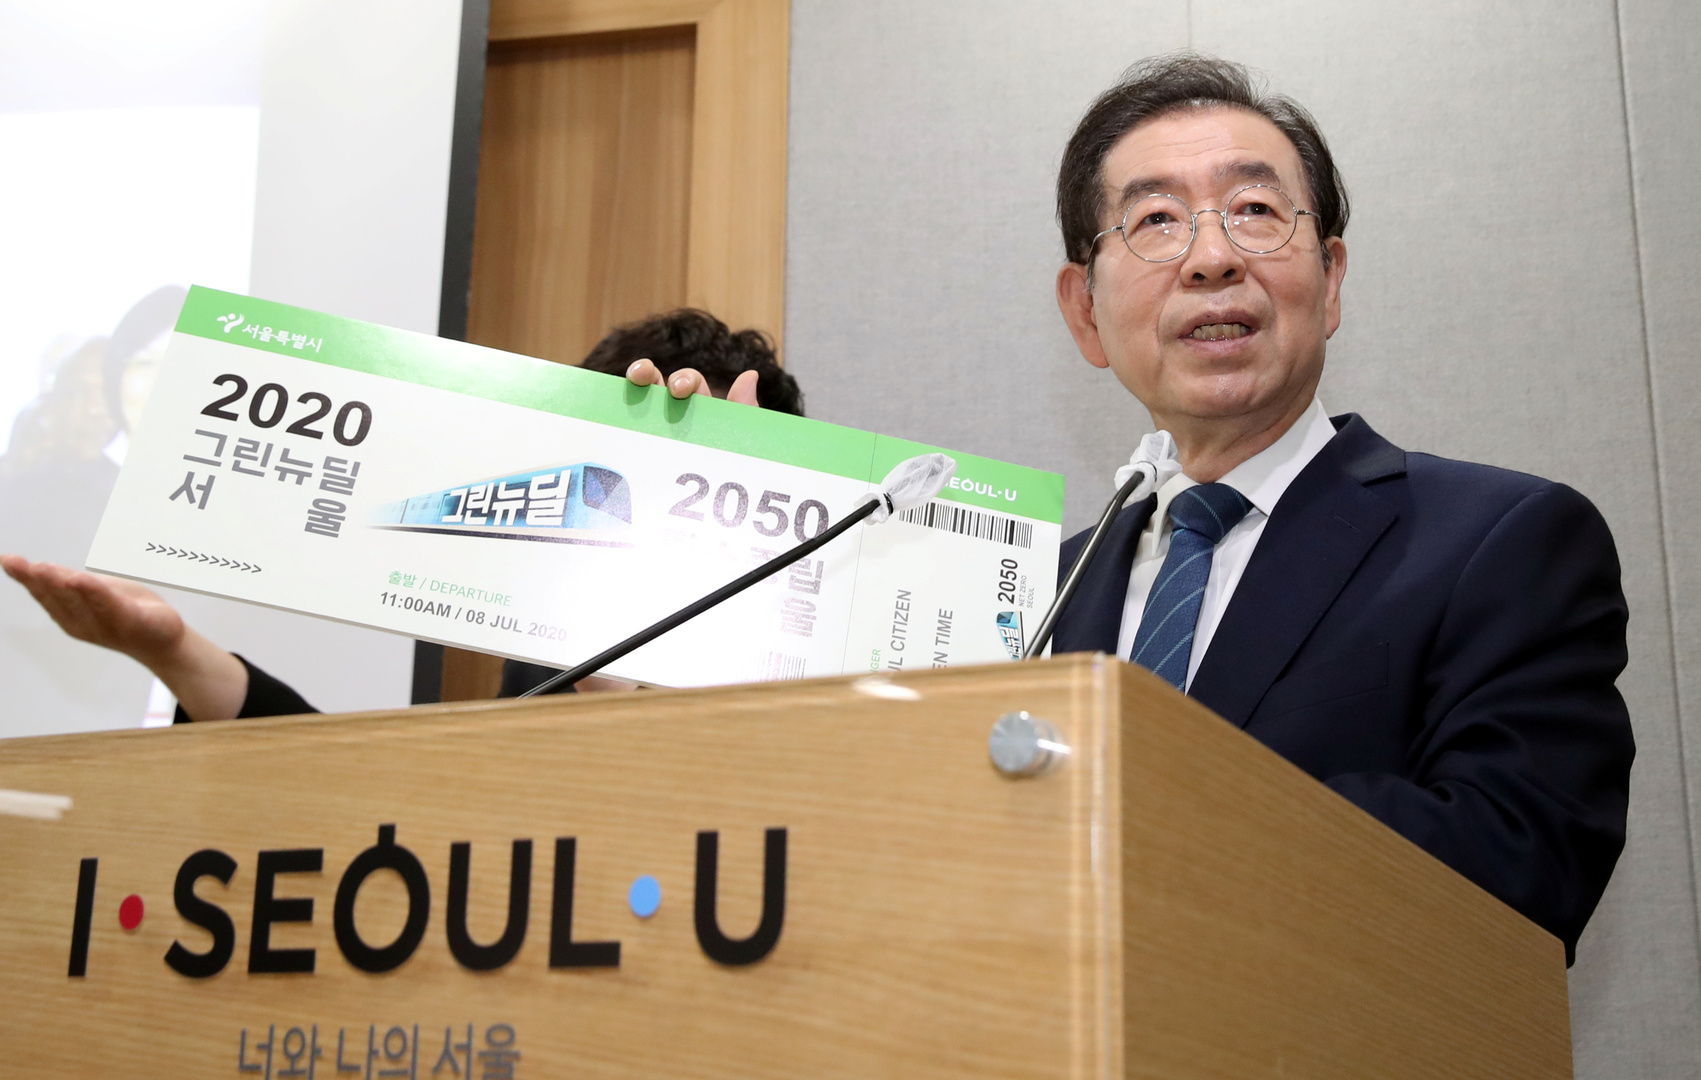 شرطة كوريا الجنوبية: العثور على جثة رئيس بلدية سيئول